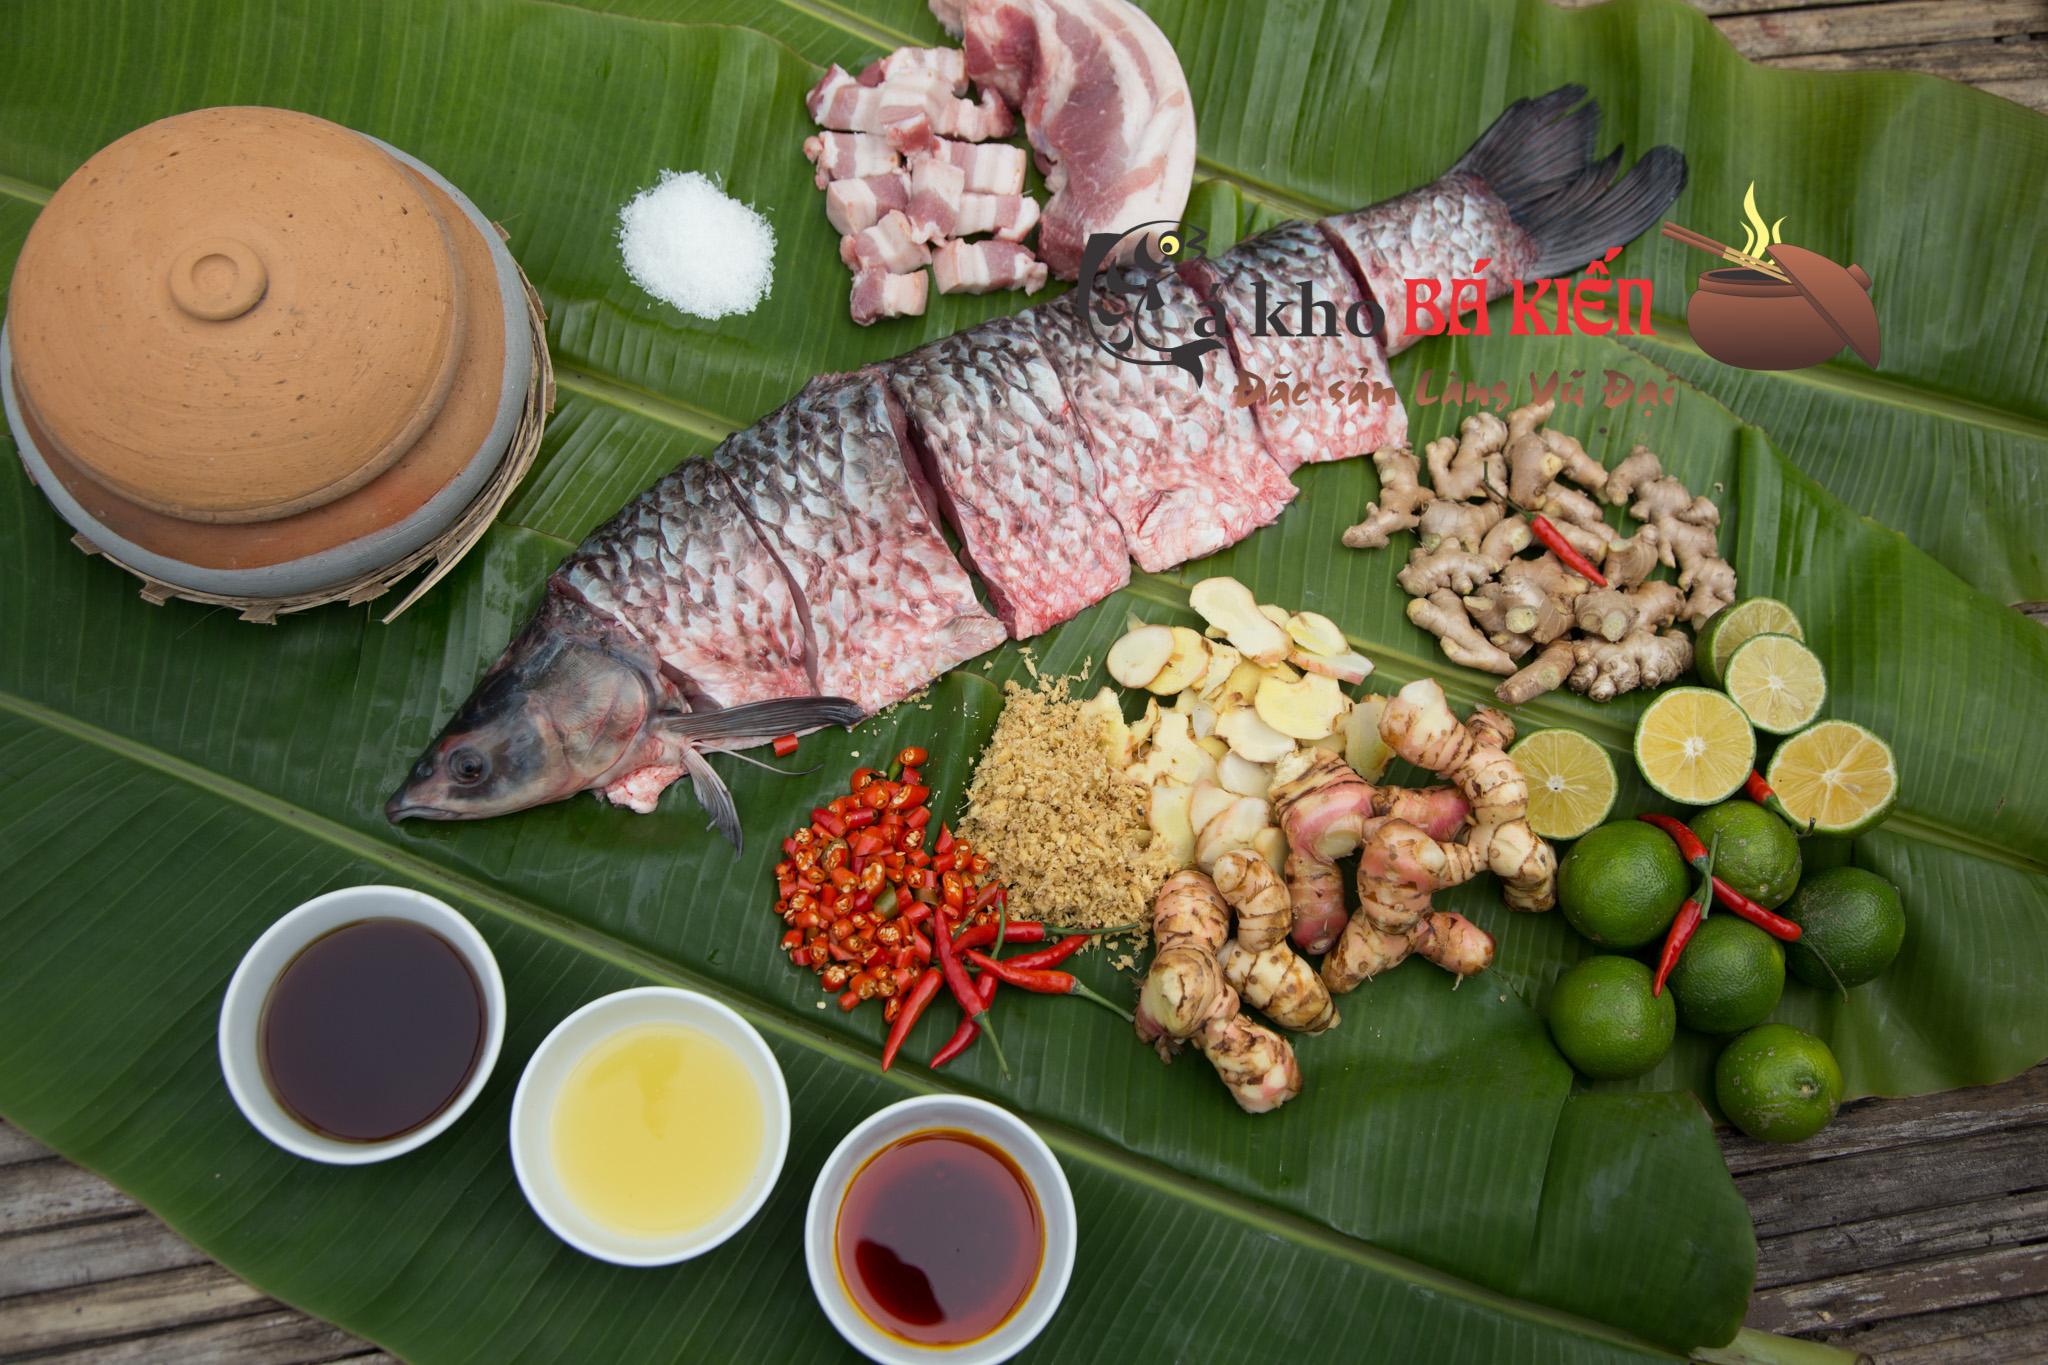 Cá trắm đen và 16 loại gia vị đặc biệt có trong niêu cá kho làng Vũ Đạo tạo nên hương vị đặc trưng